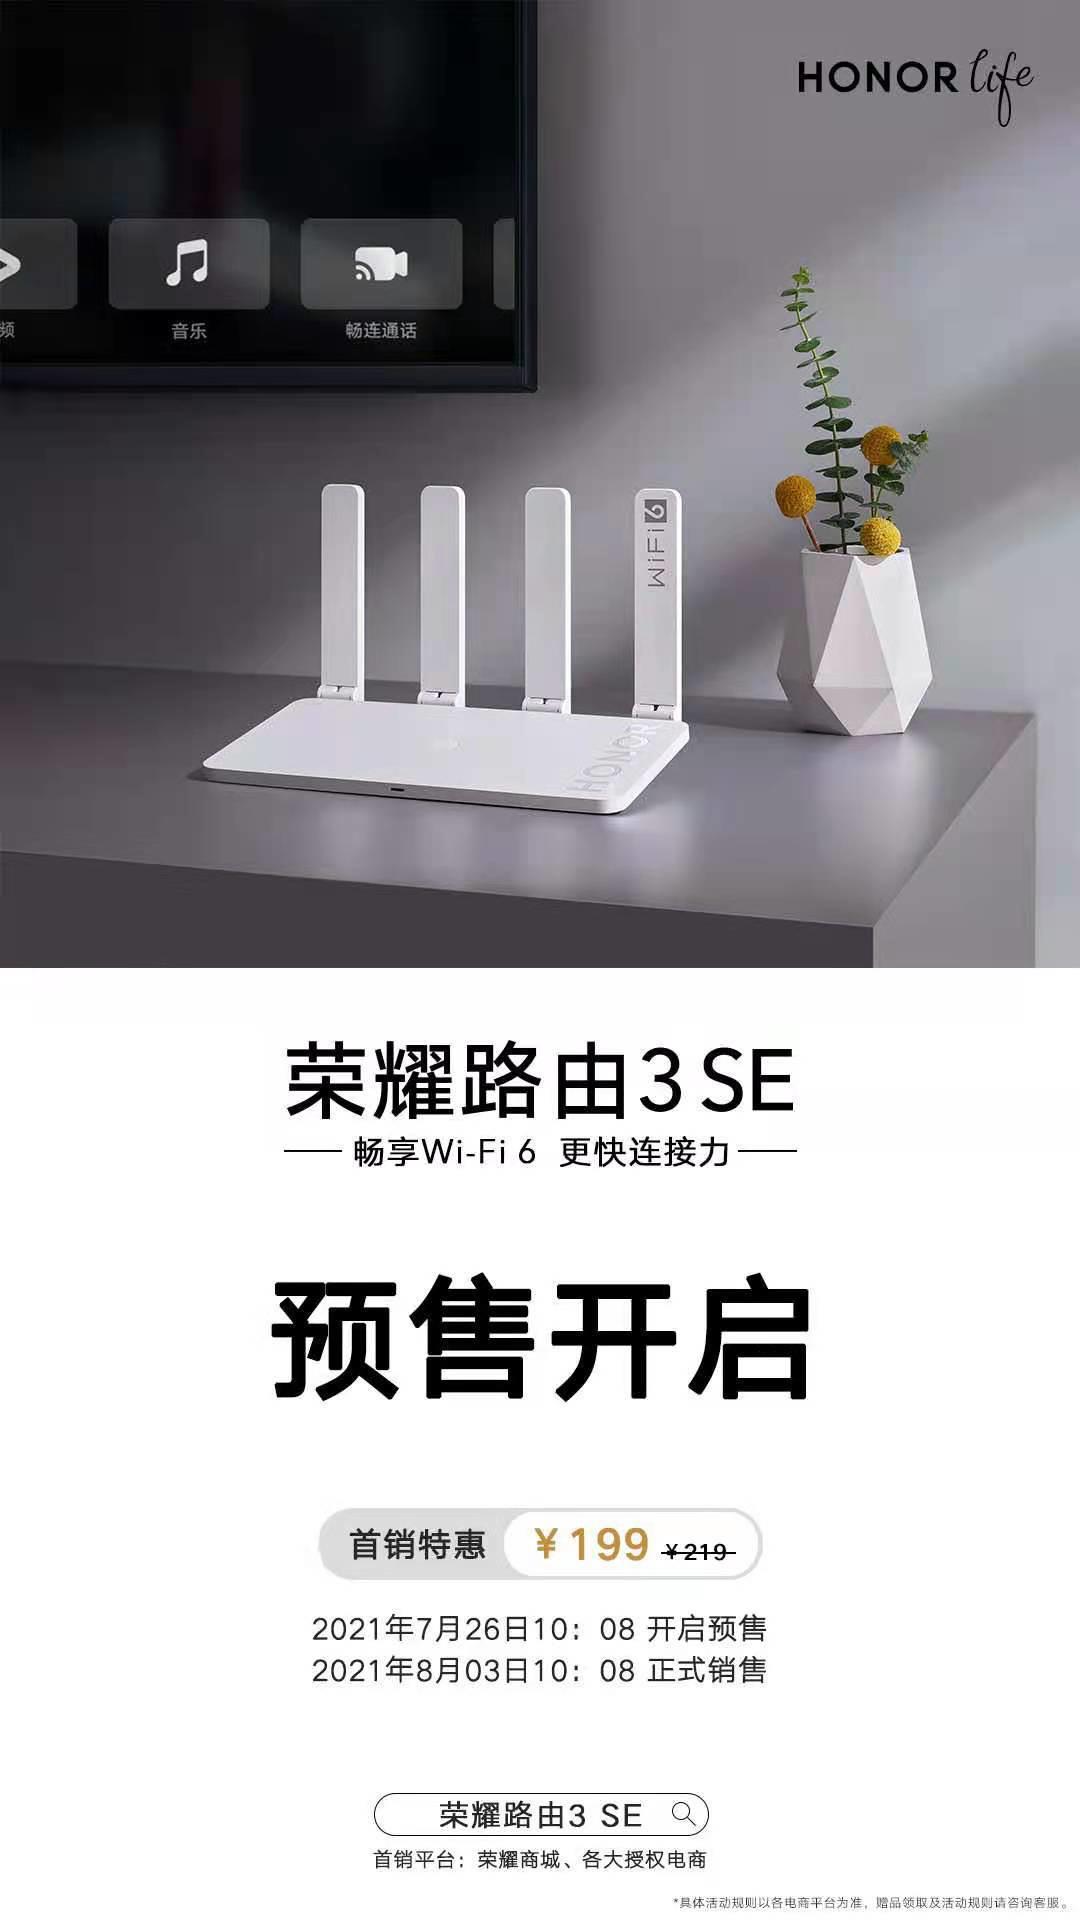 199 元,荣耀路由 3 SE 开启预售:Wi-Fi 6、支持 HUAWEI HiLink